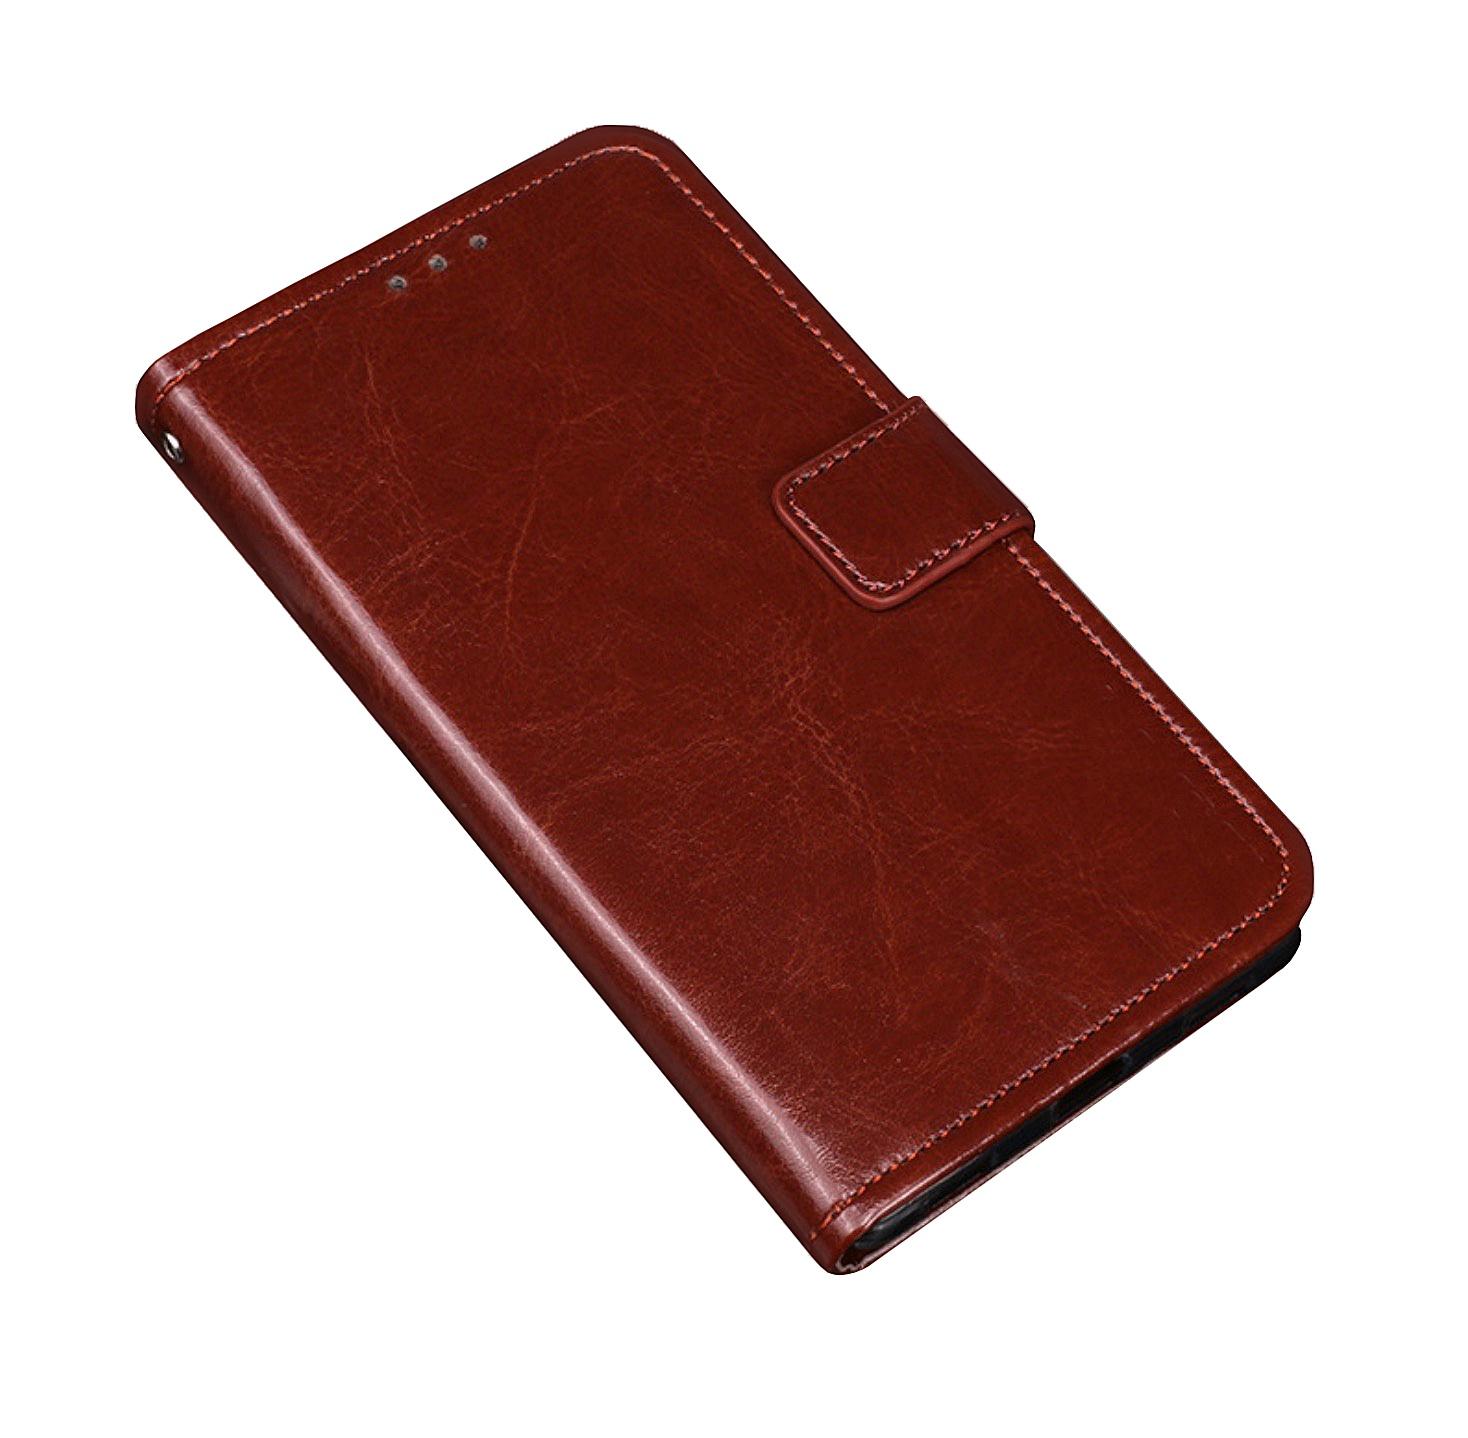 цена на Чехол-книжка MyPads для ASUS Zenfone Live L1 ZA550KL (X00RD)/ G552KL с мульти-подставкой застёжкой и визитницей коричневый